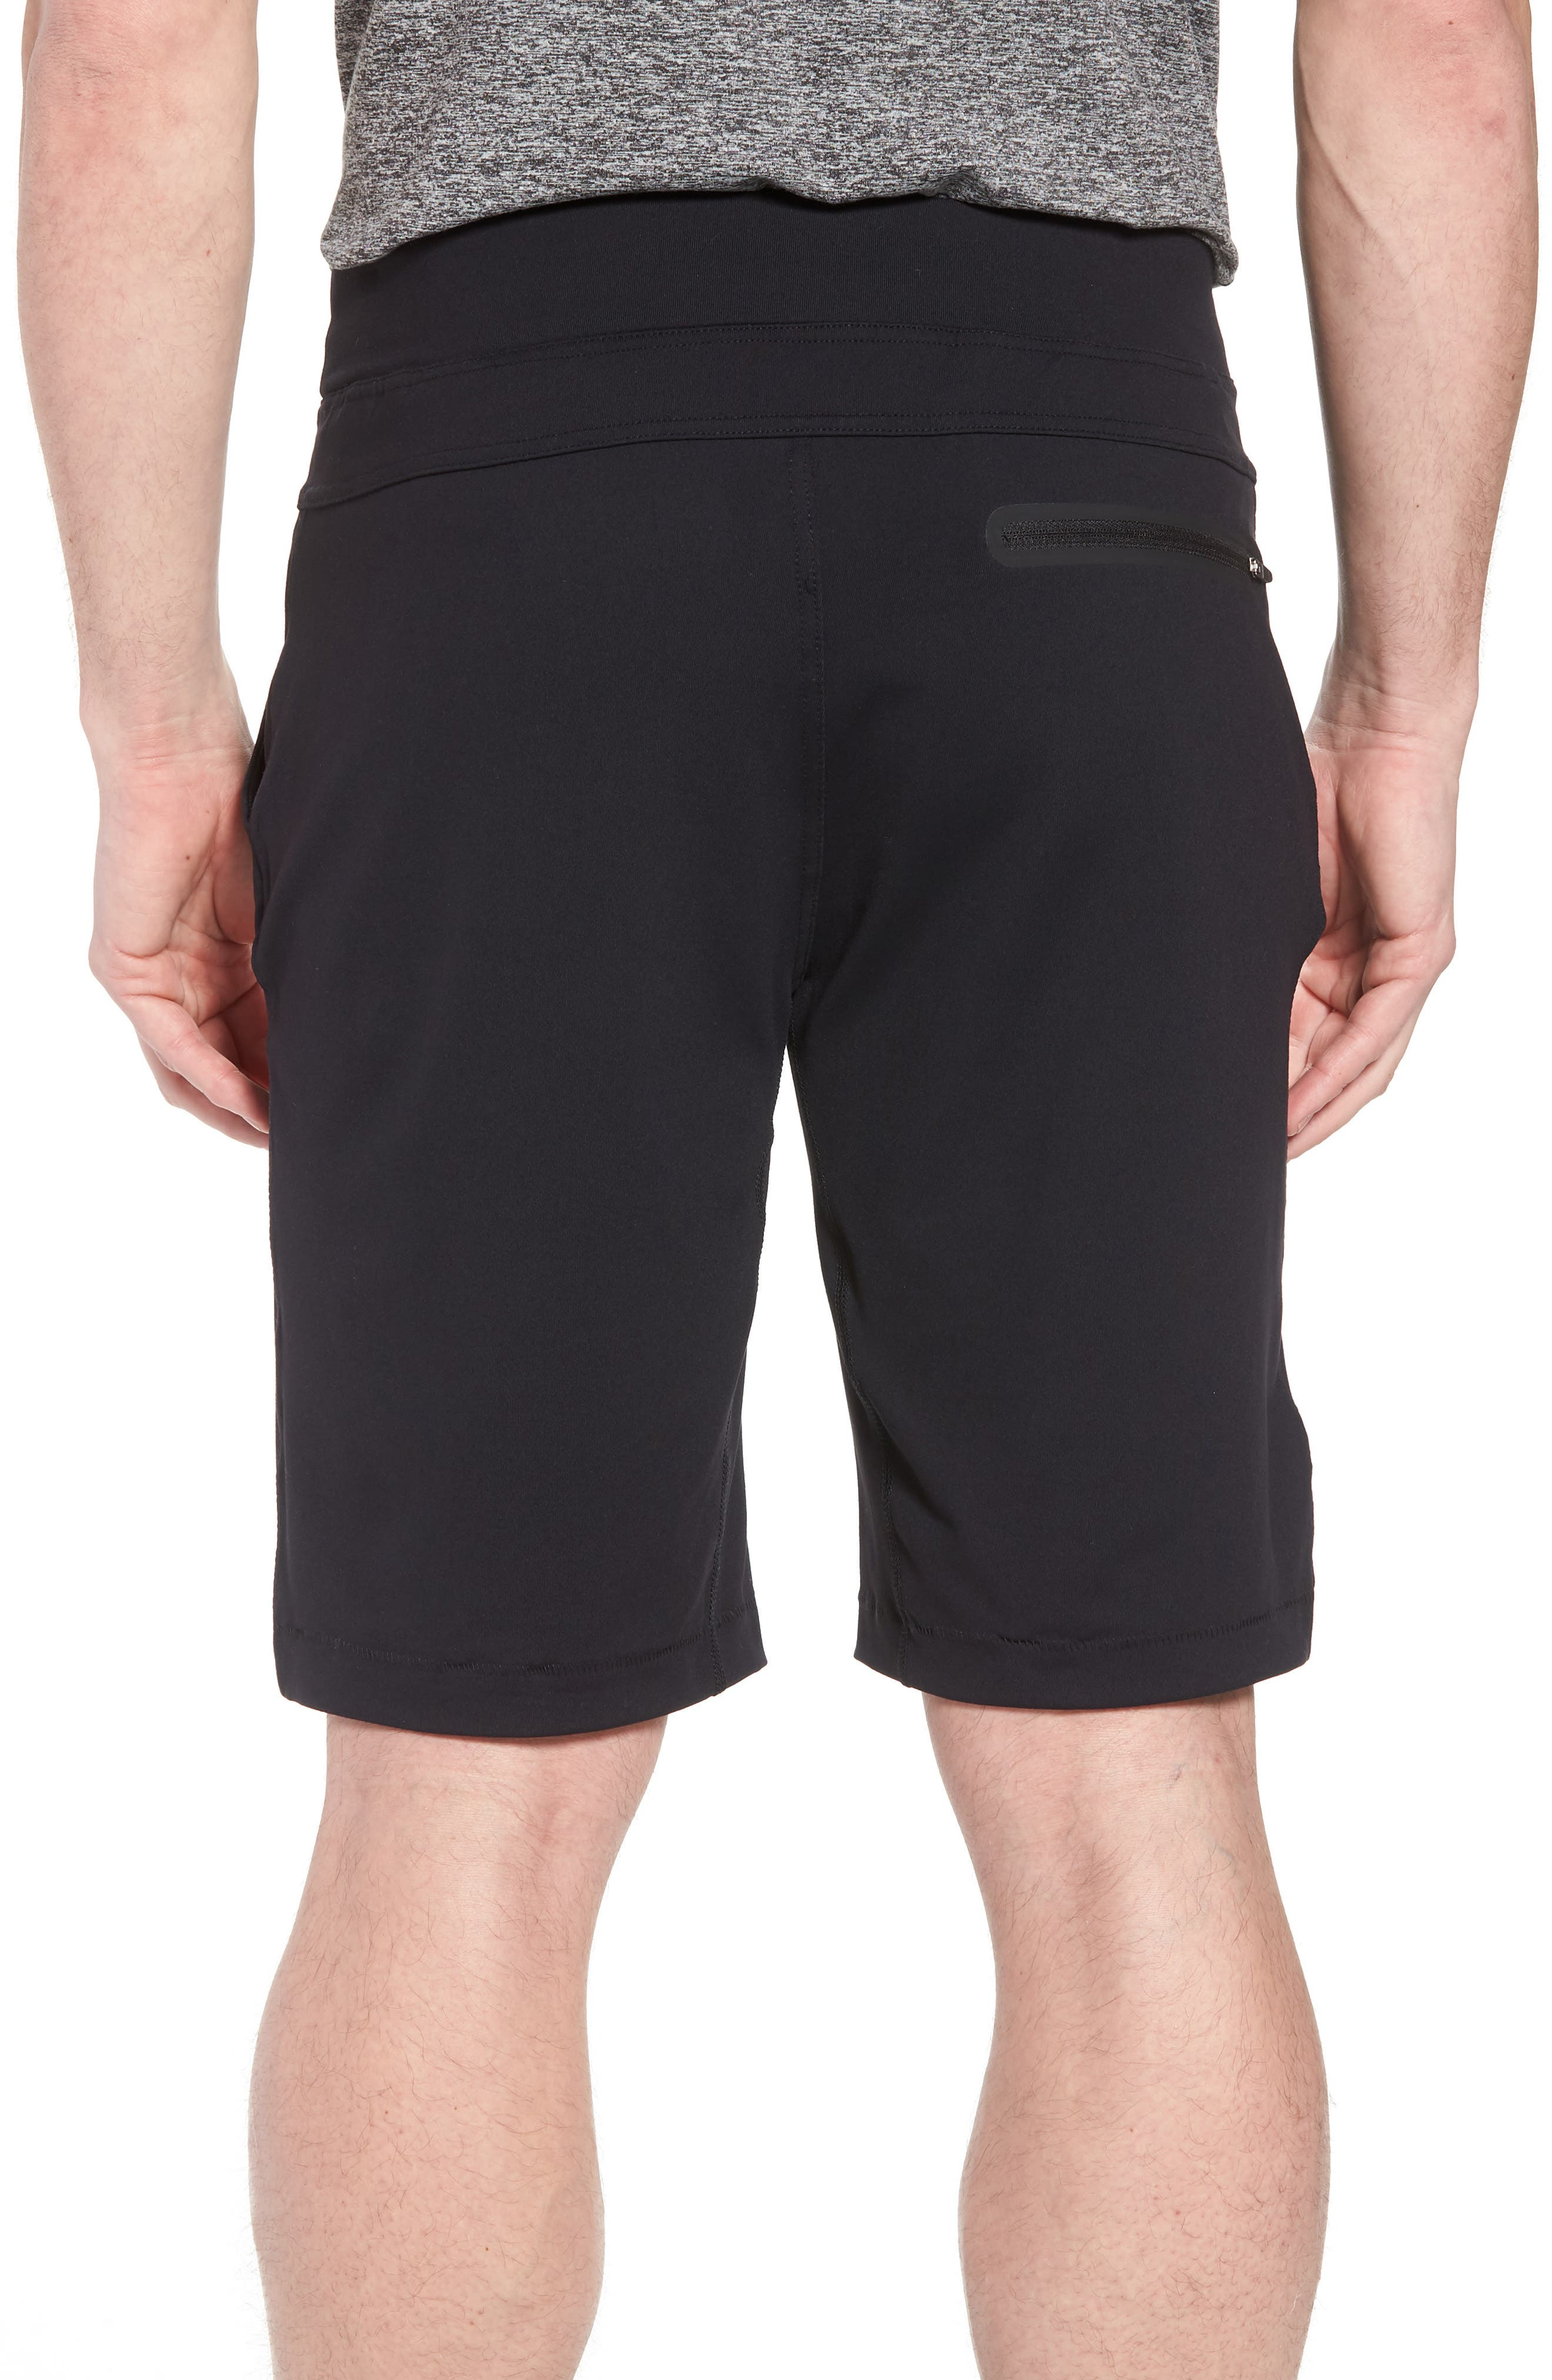 206 Shorts,                             Alternate thumbnail 2, color,                             BLACK